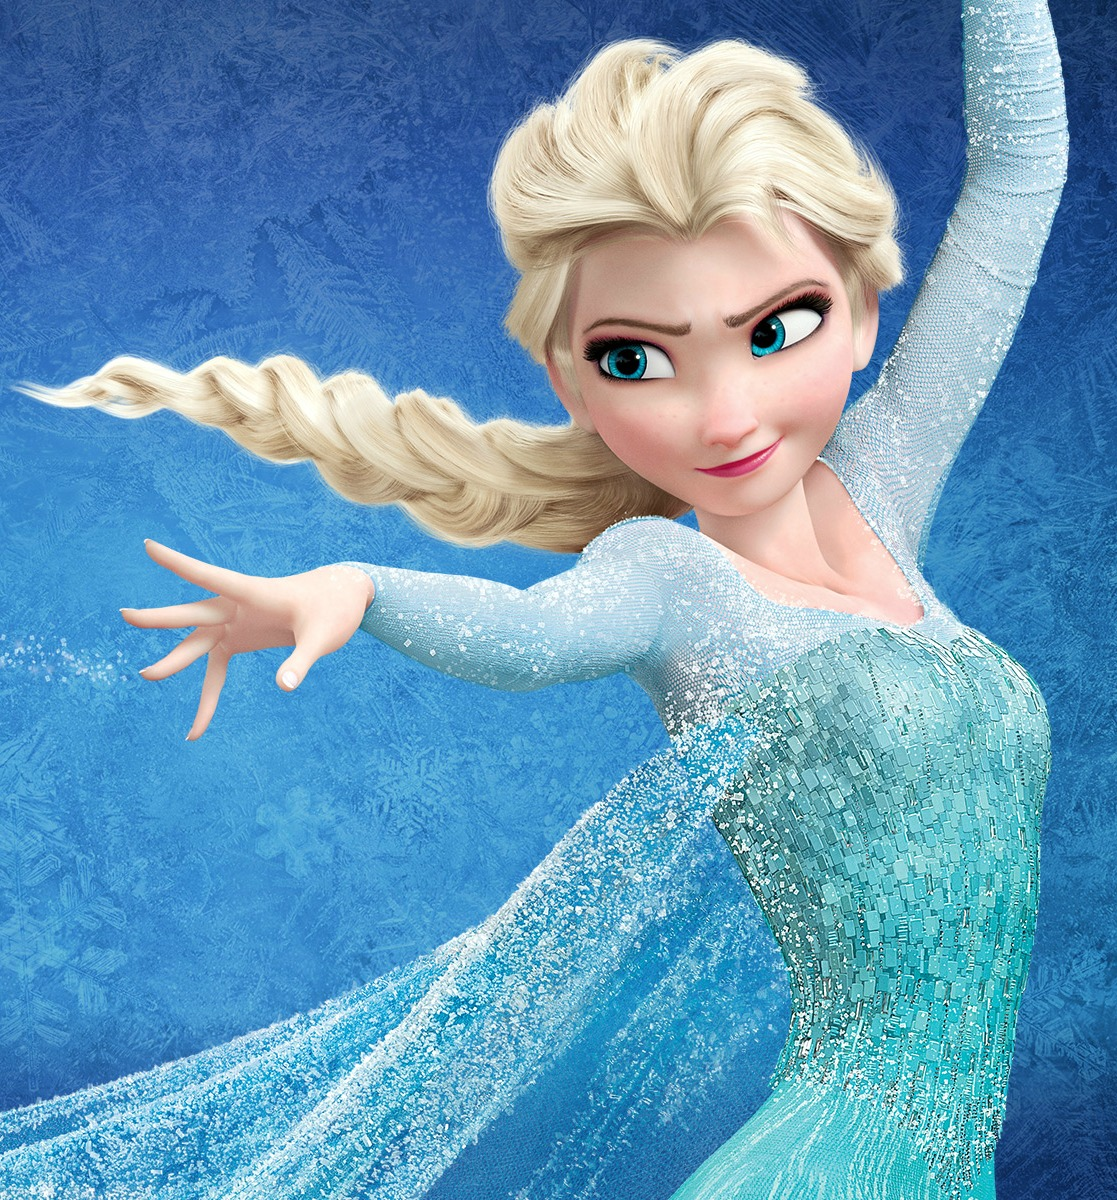 Frozen Quotes Wallpaper Queen Elsa Disney Princess Wallpaper 36951286 Fanpop